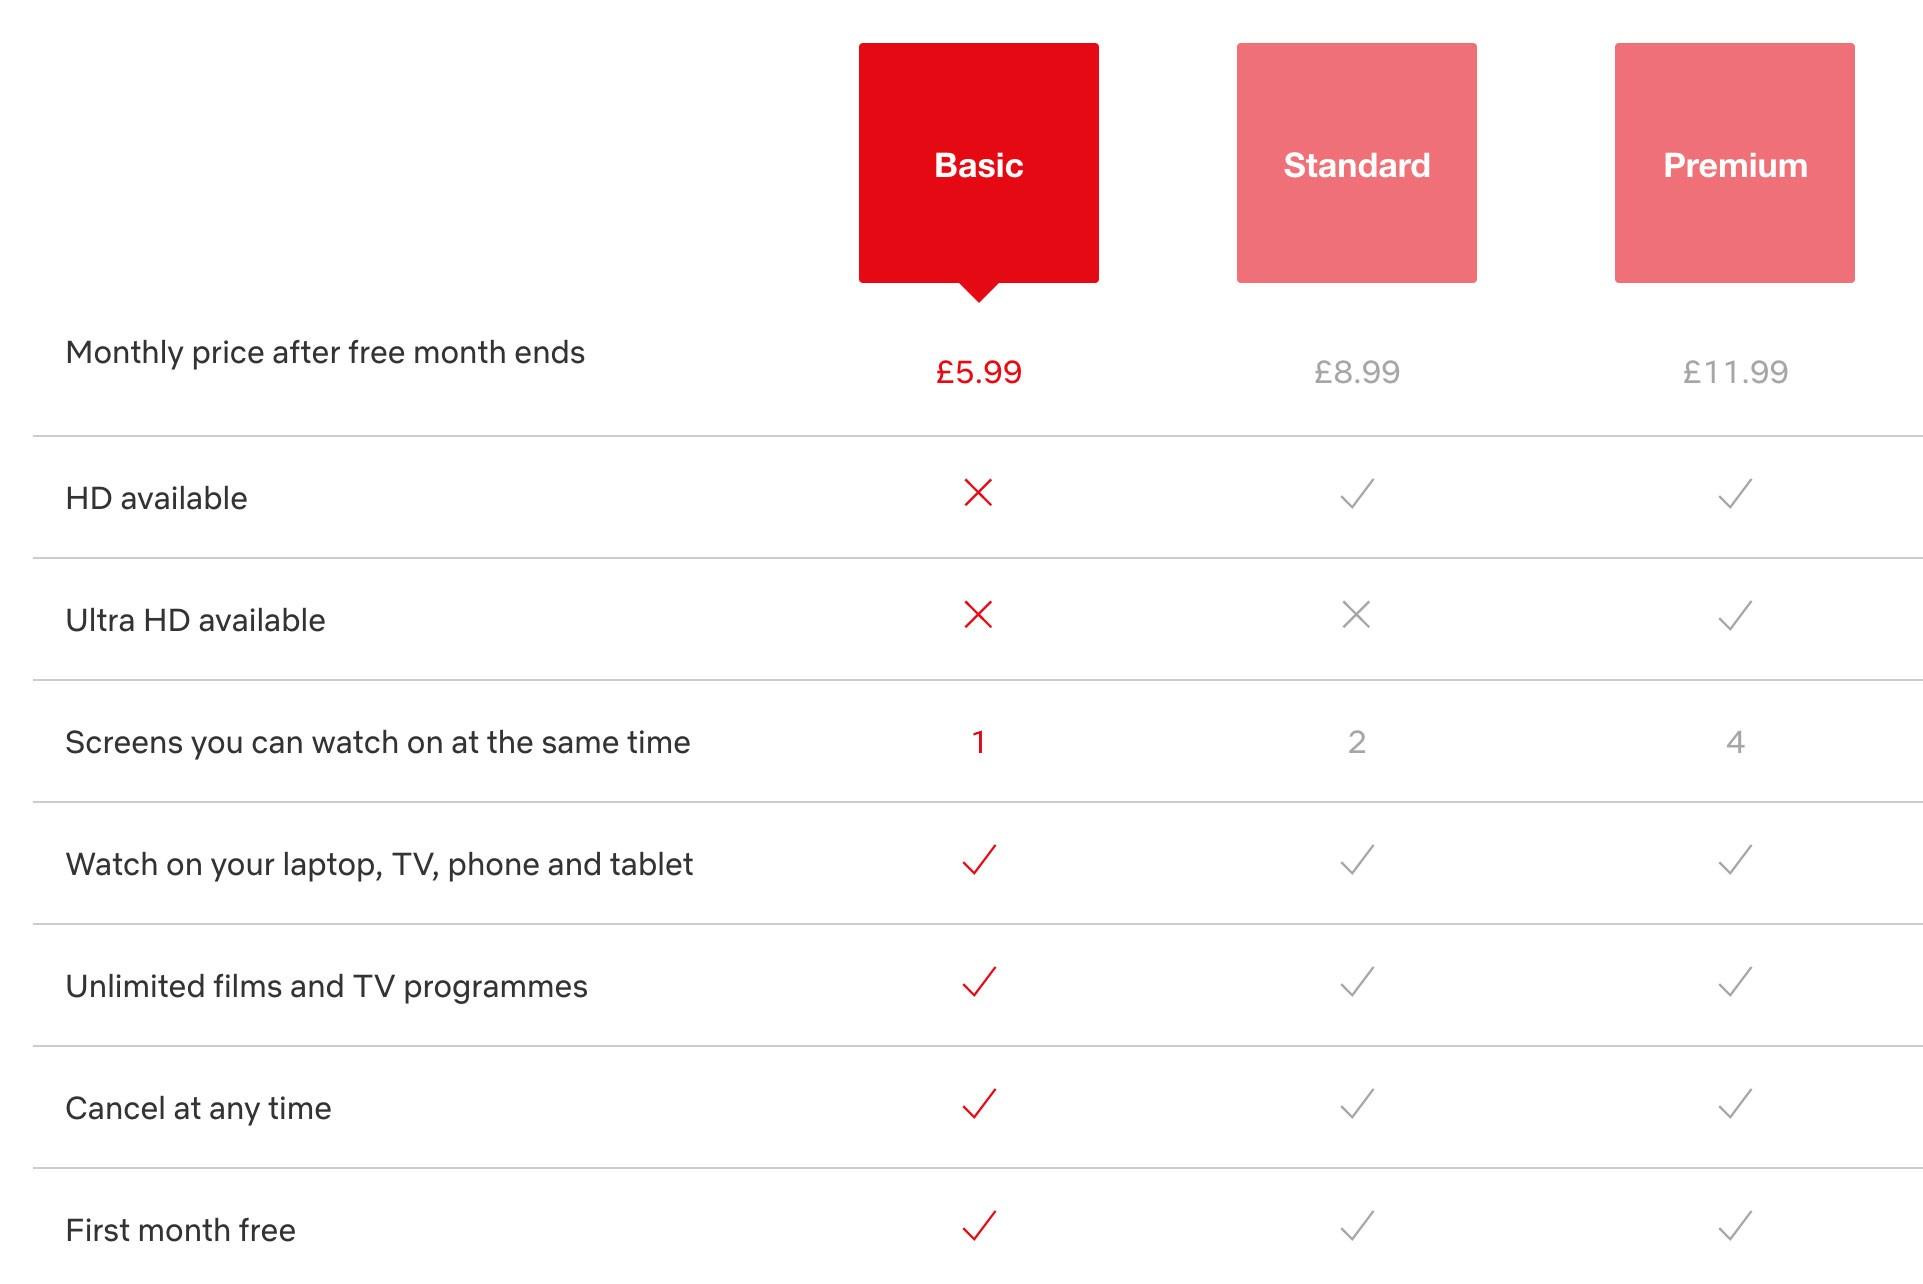 Netflix Pricing plan